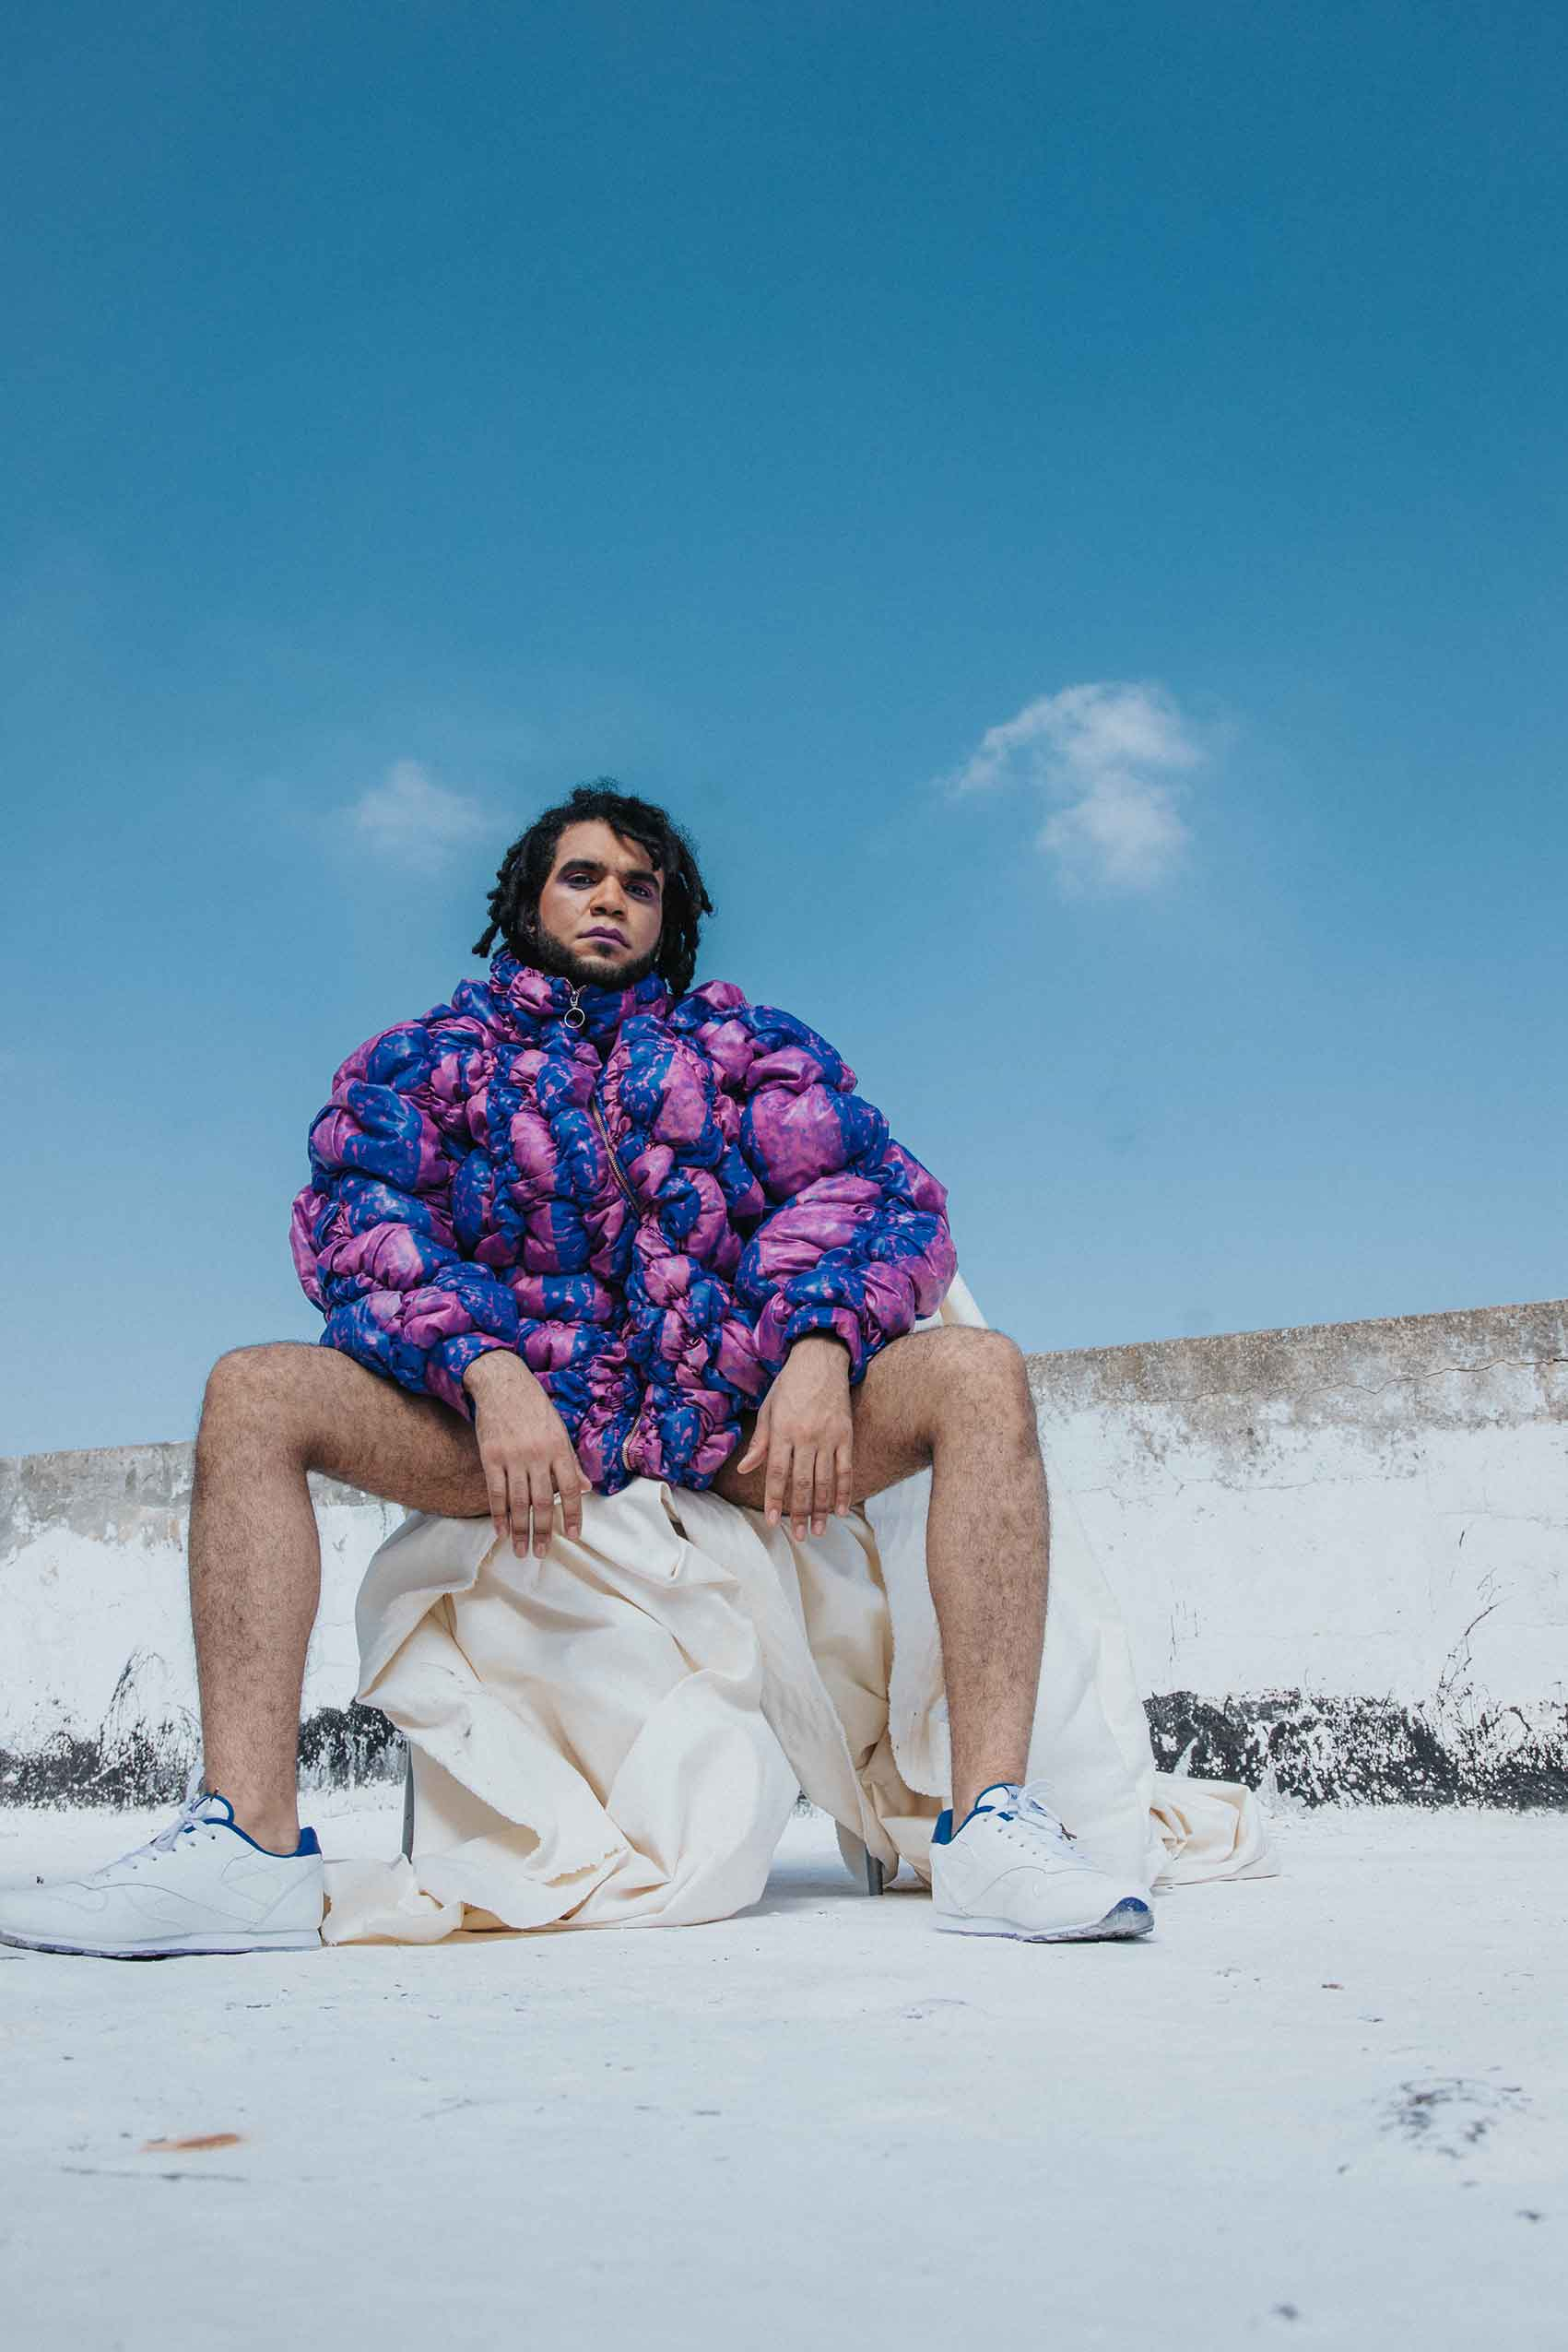 עיצוב-אופנה-סטייל-חדשות-אופנה-טרנדים-יהונתן-שלמה-פישר-בצלאל-מגזין-אופנה-חדשות-האופנה-גברים